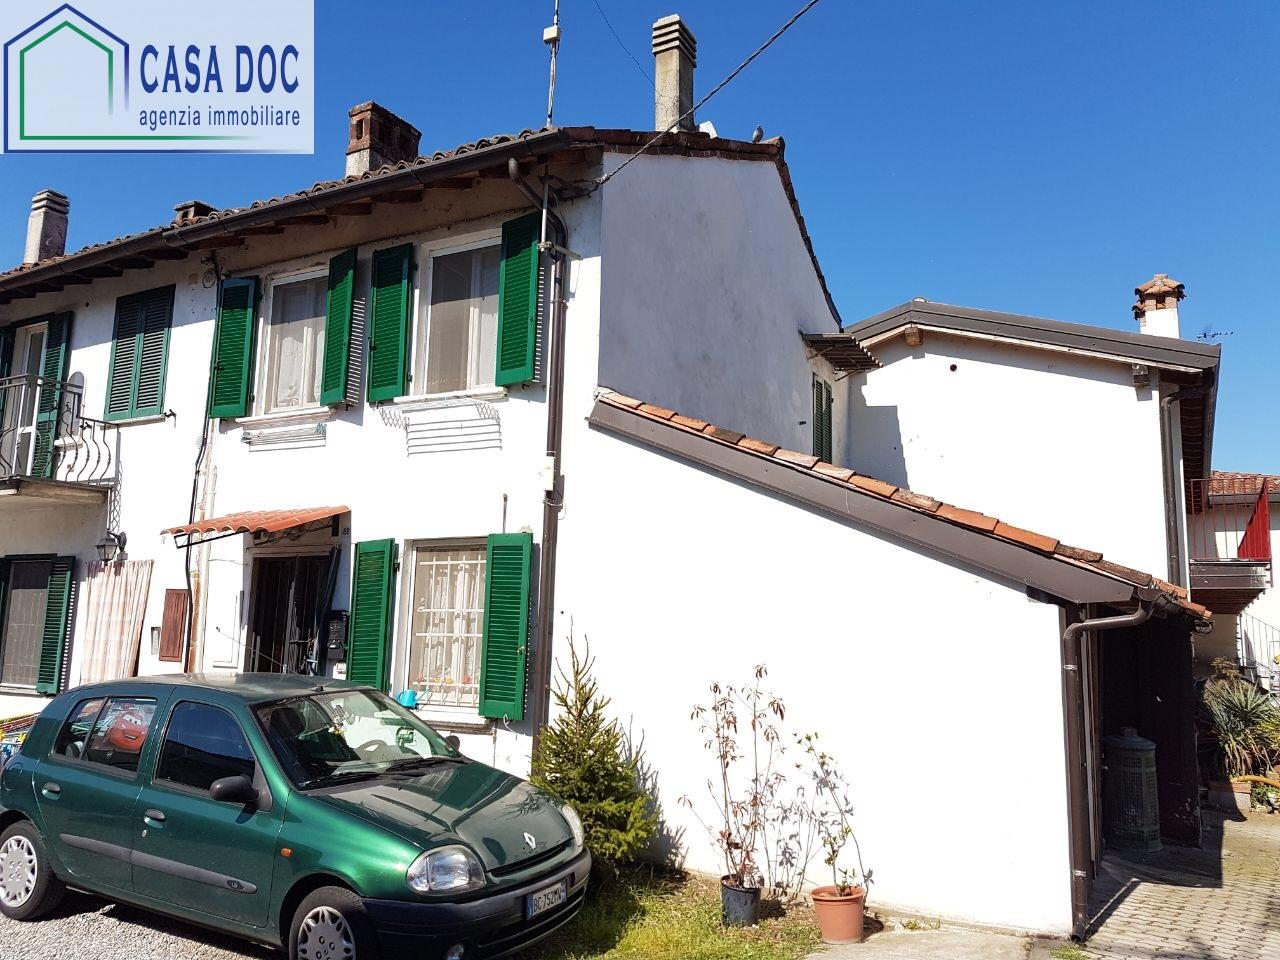 Appartamento in vendita a Marzano, 2 locali, prezzo € 49.000 | Cambio Casa.it